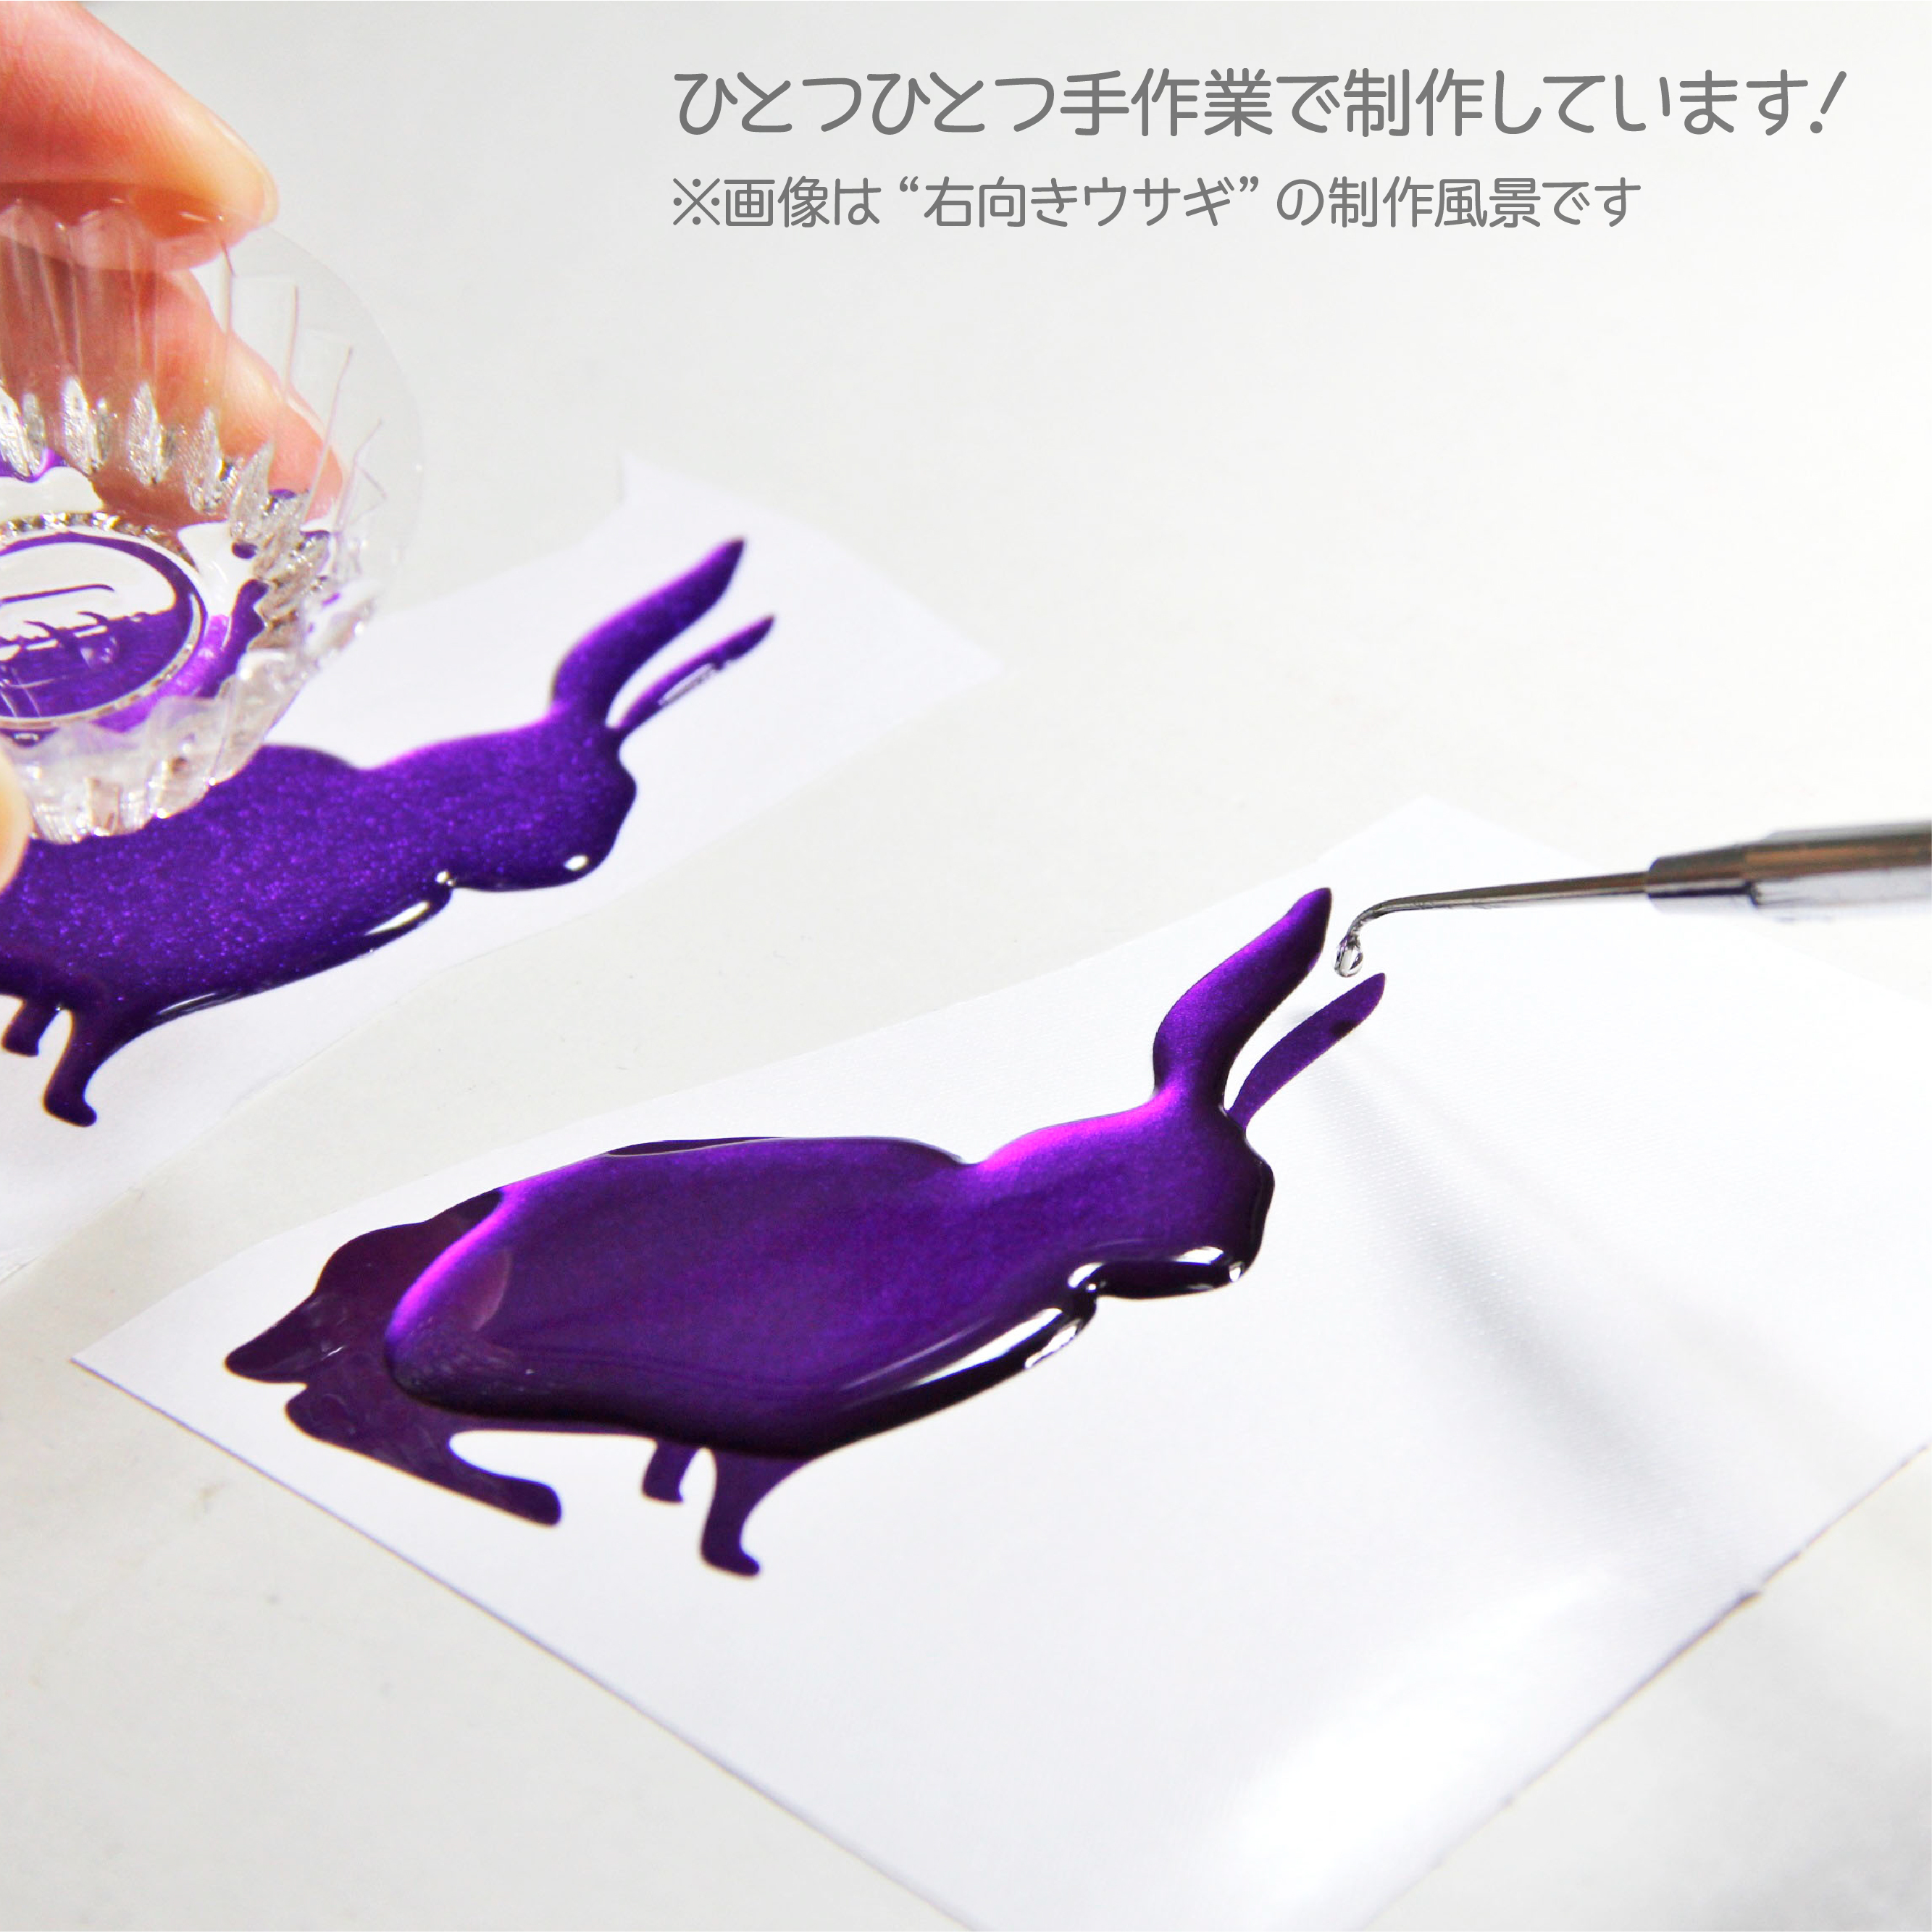 立体!!ラビットステッカー【跳ねウサギ】